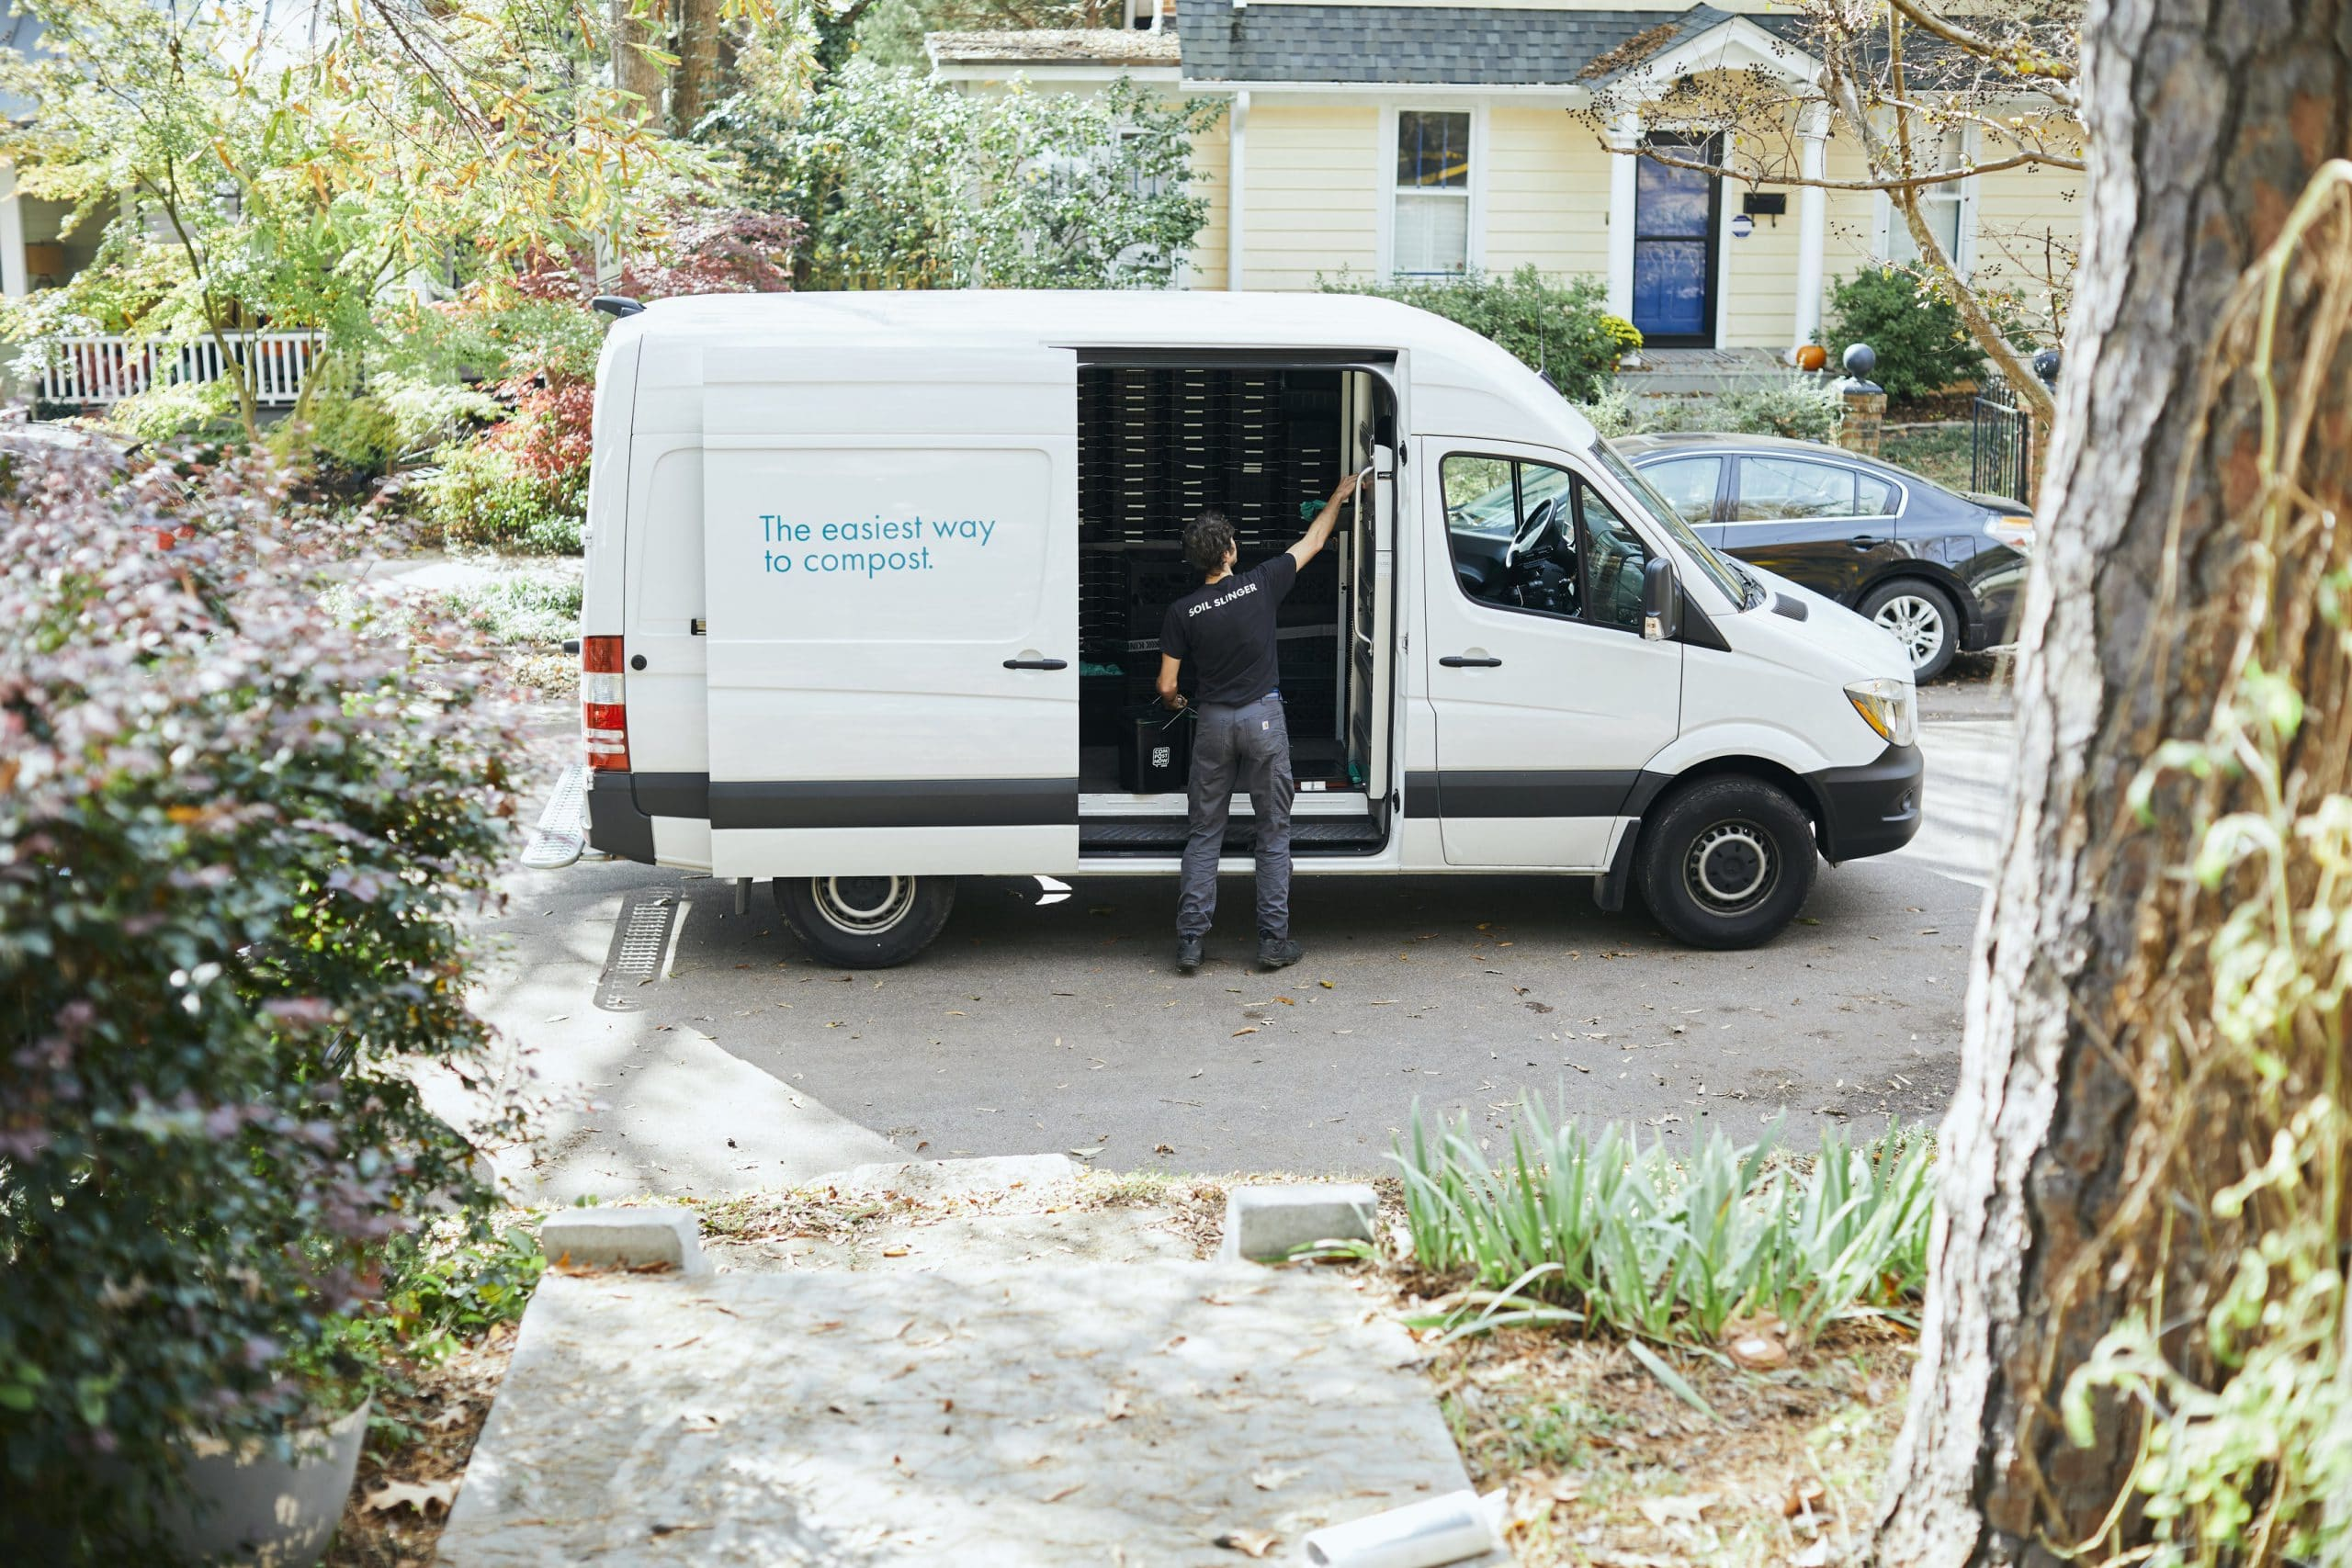 CompostNow Fleet Van